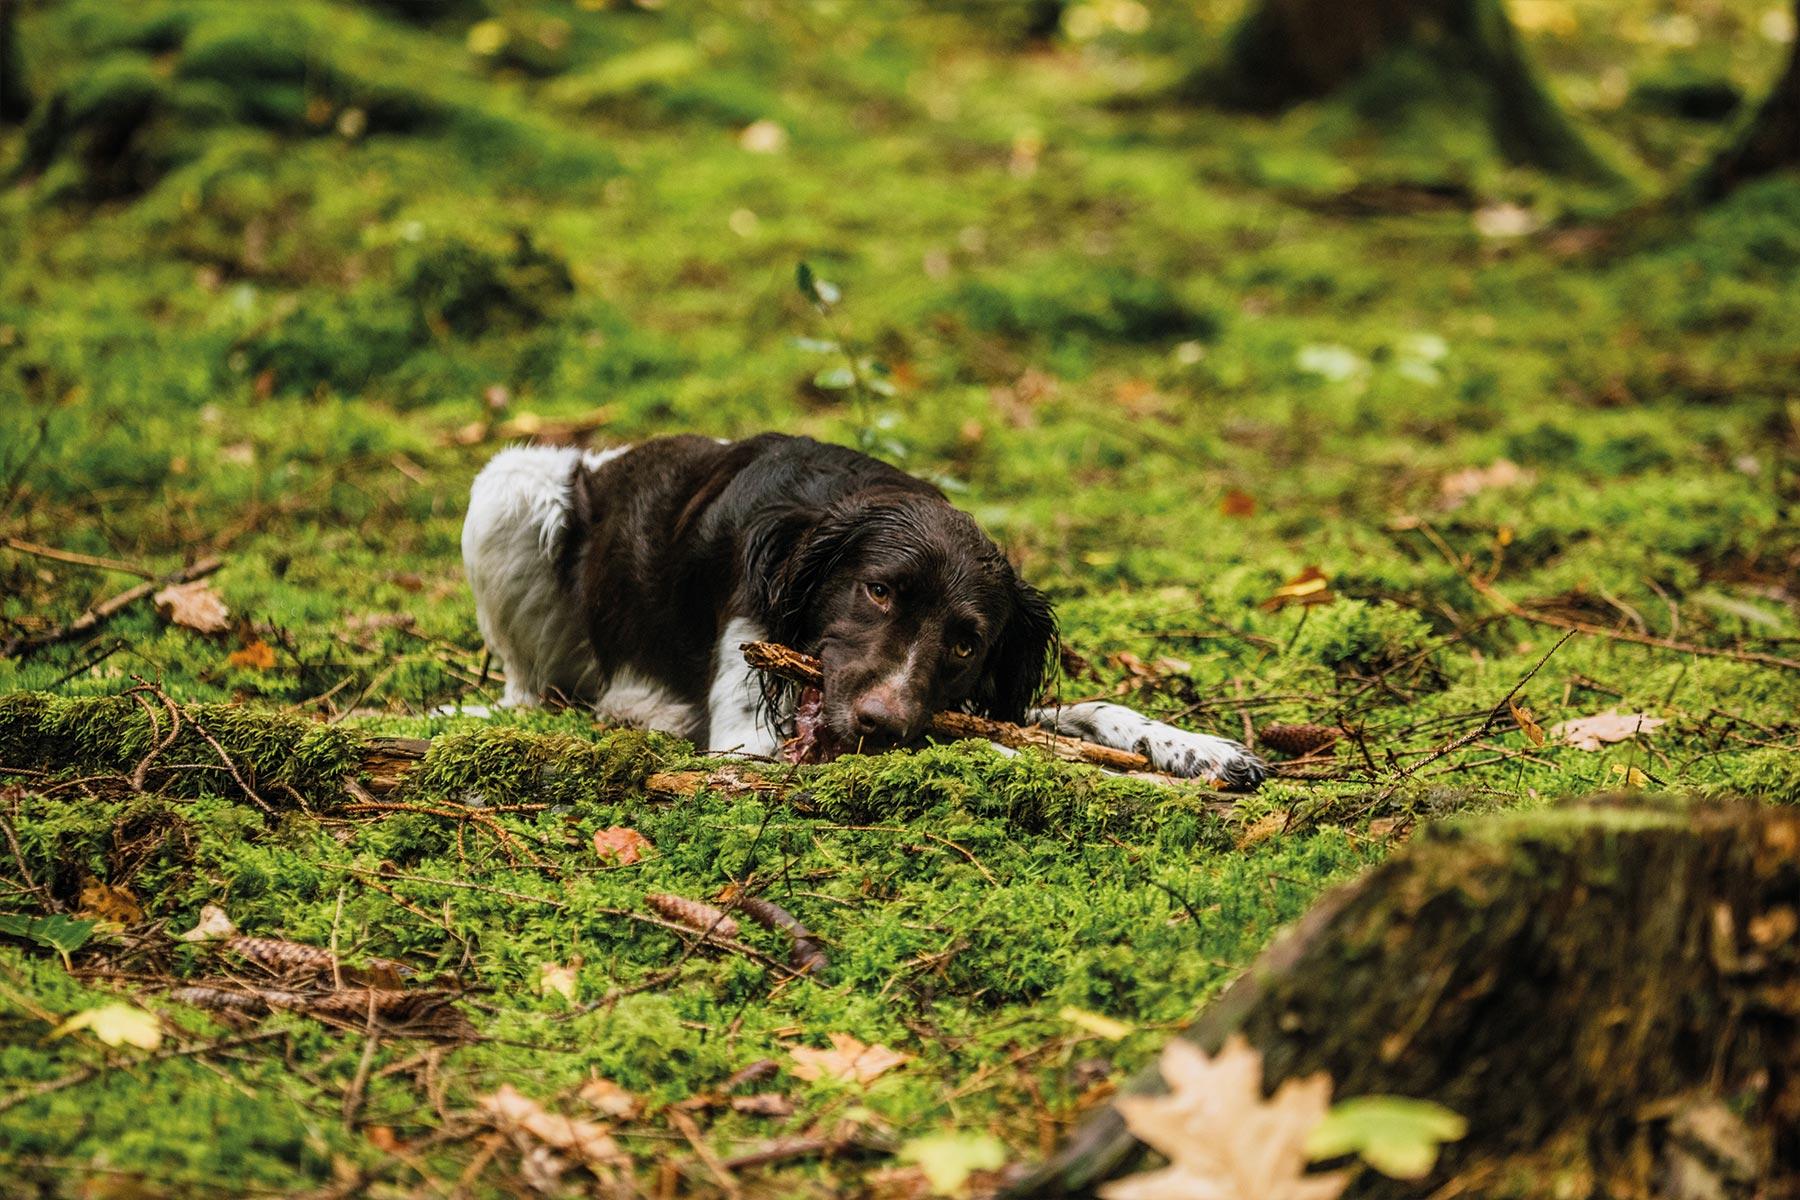 filmproduktion-kleiner-muensterlaender-hund-tierfilm-wald-outdoor-hundefilm-jagdhund-basti-kaspar